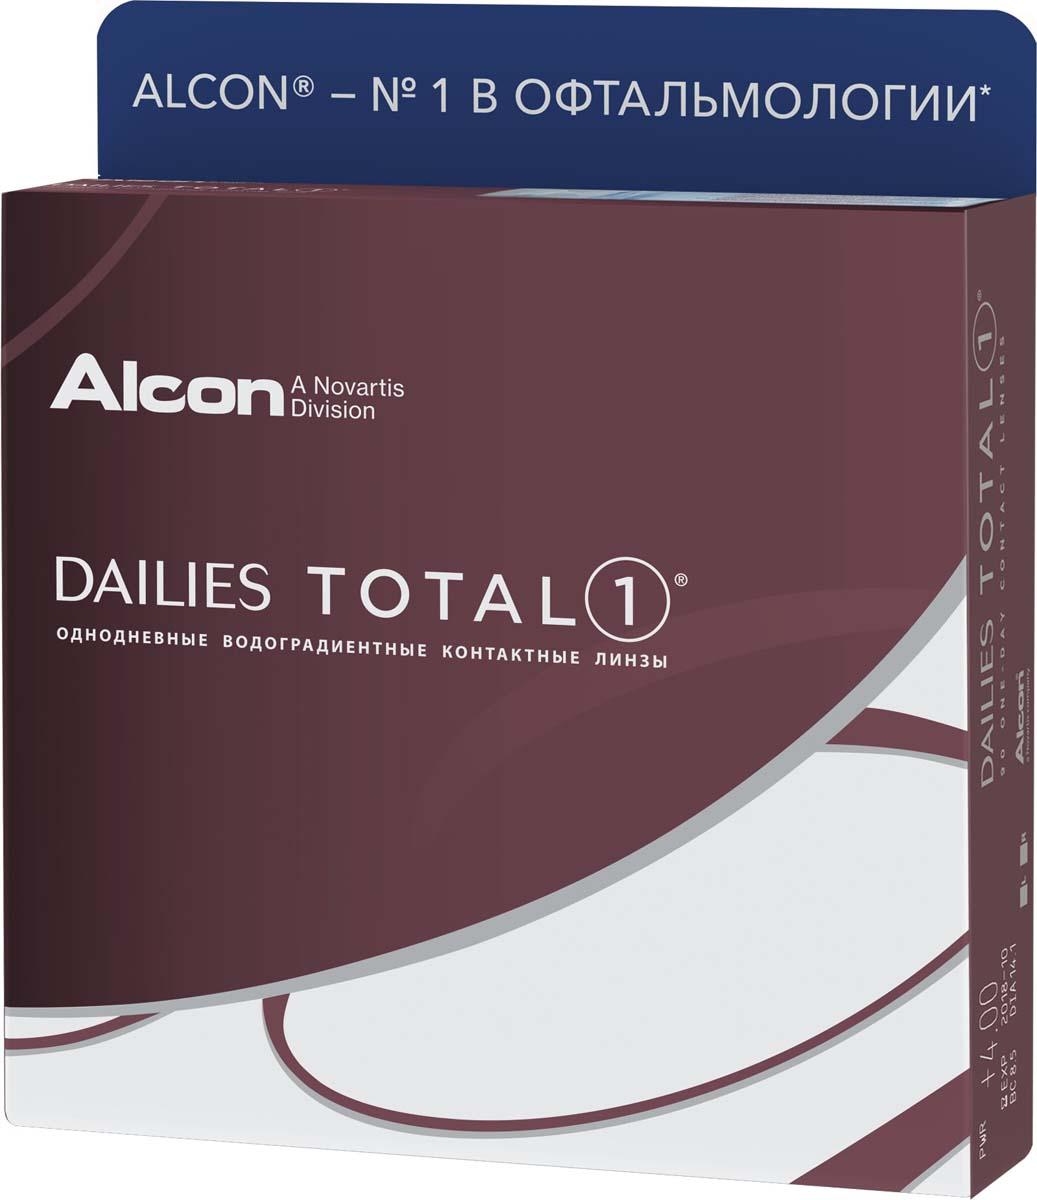 Аlcon Контактные линзы Dailies Total 90 шт /+1.75 /8.5 /14.1